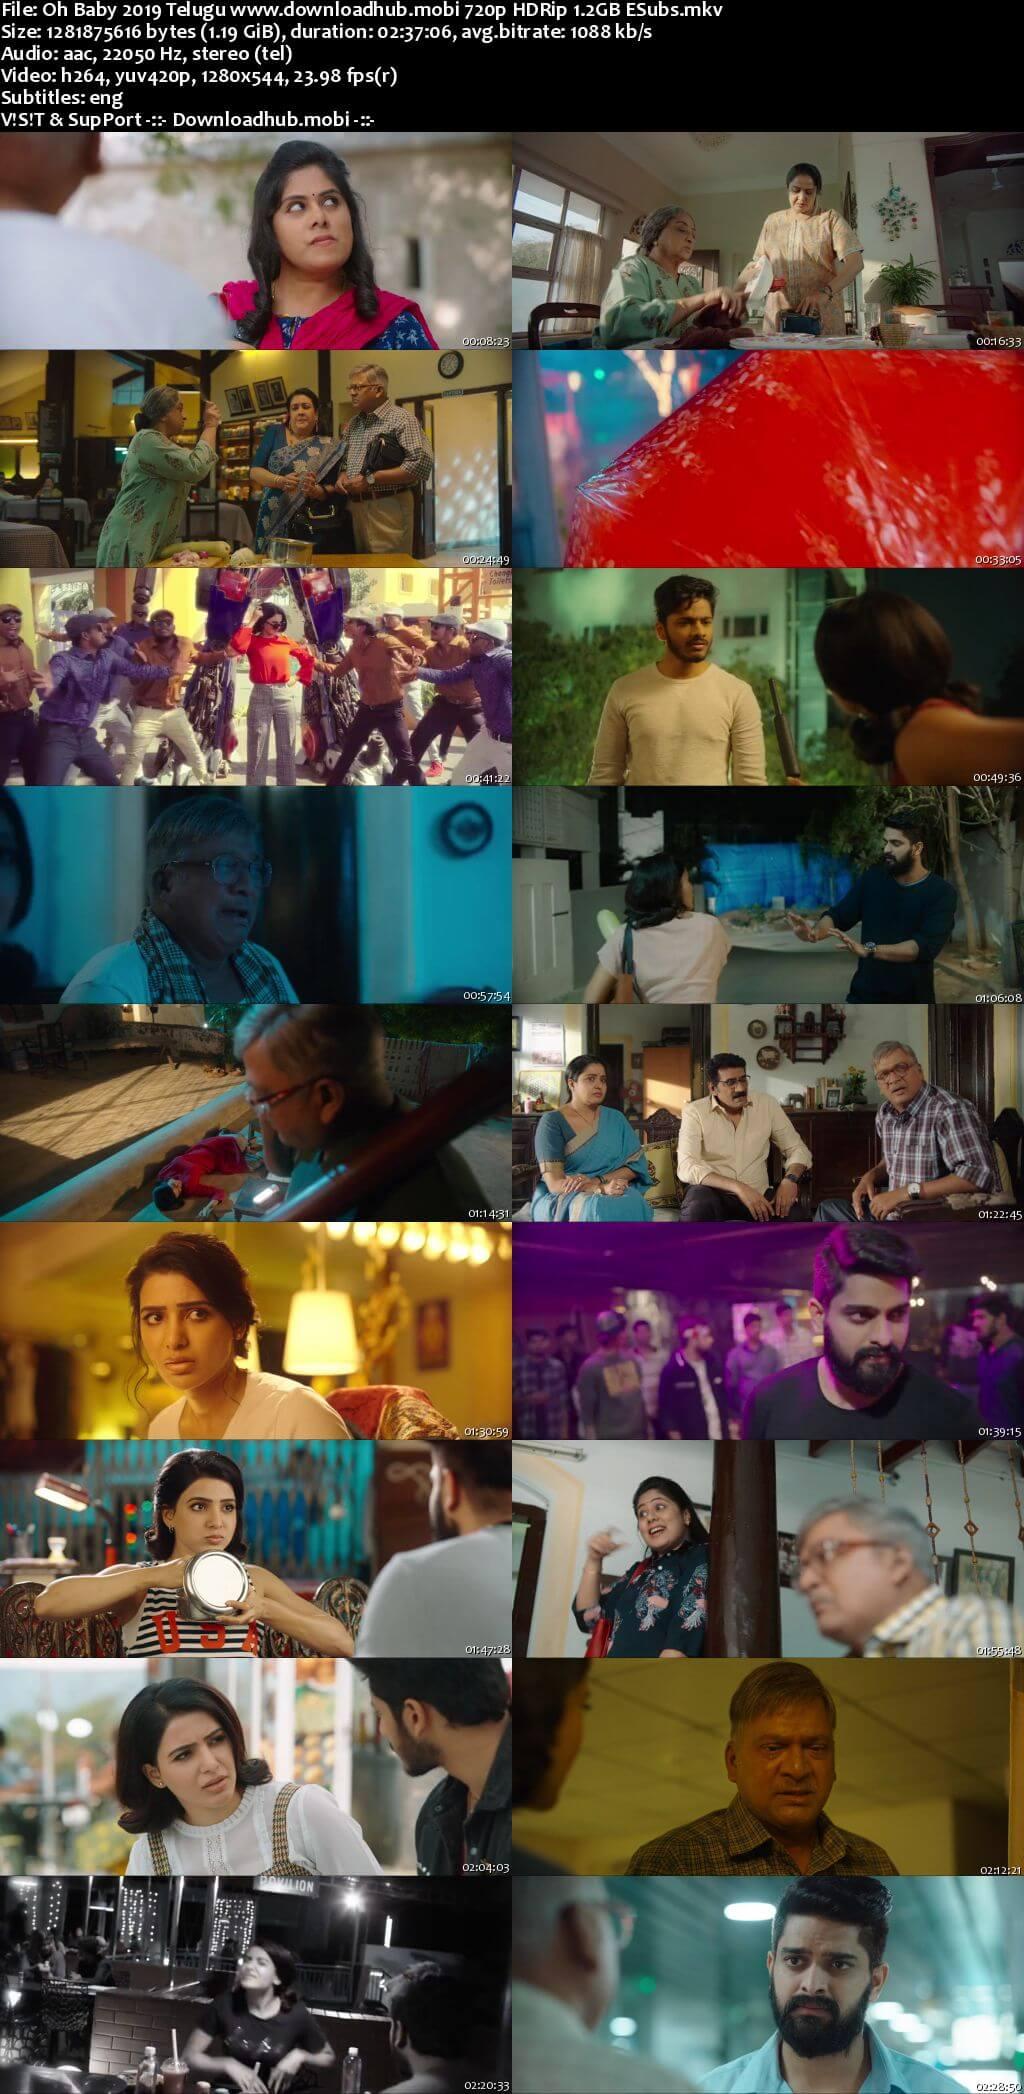 Oh Baby 2019 Telugu 720p HDRip ESubs